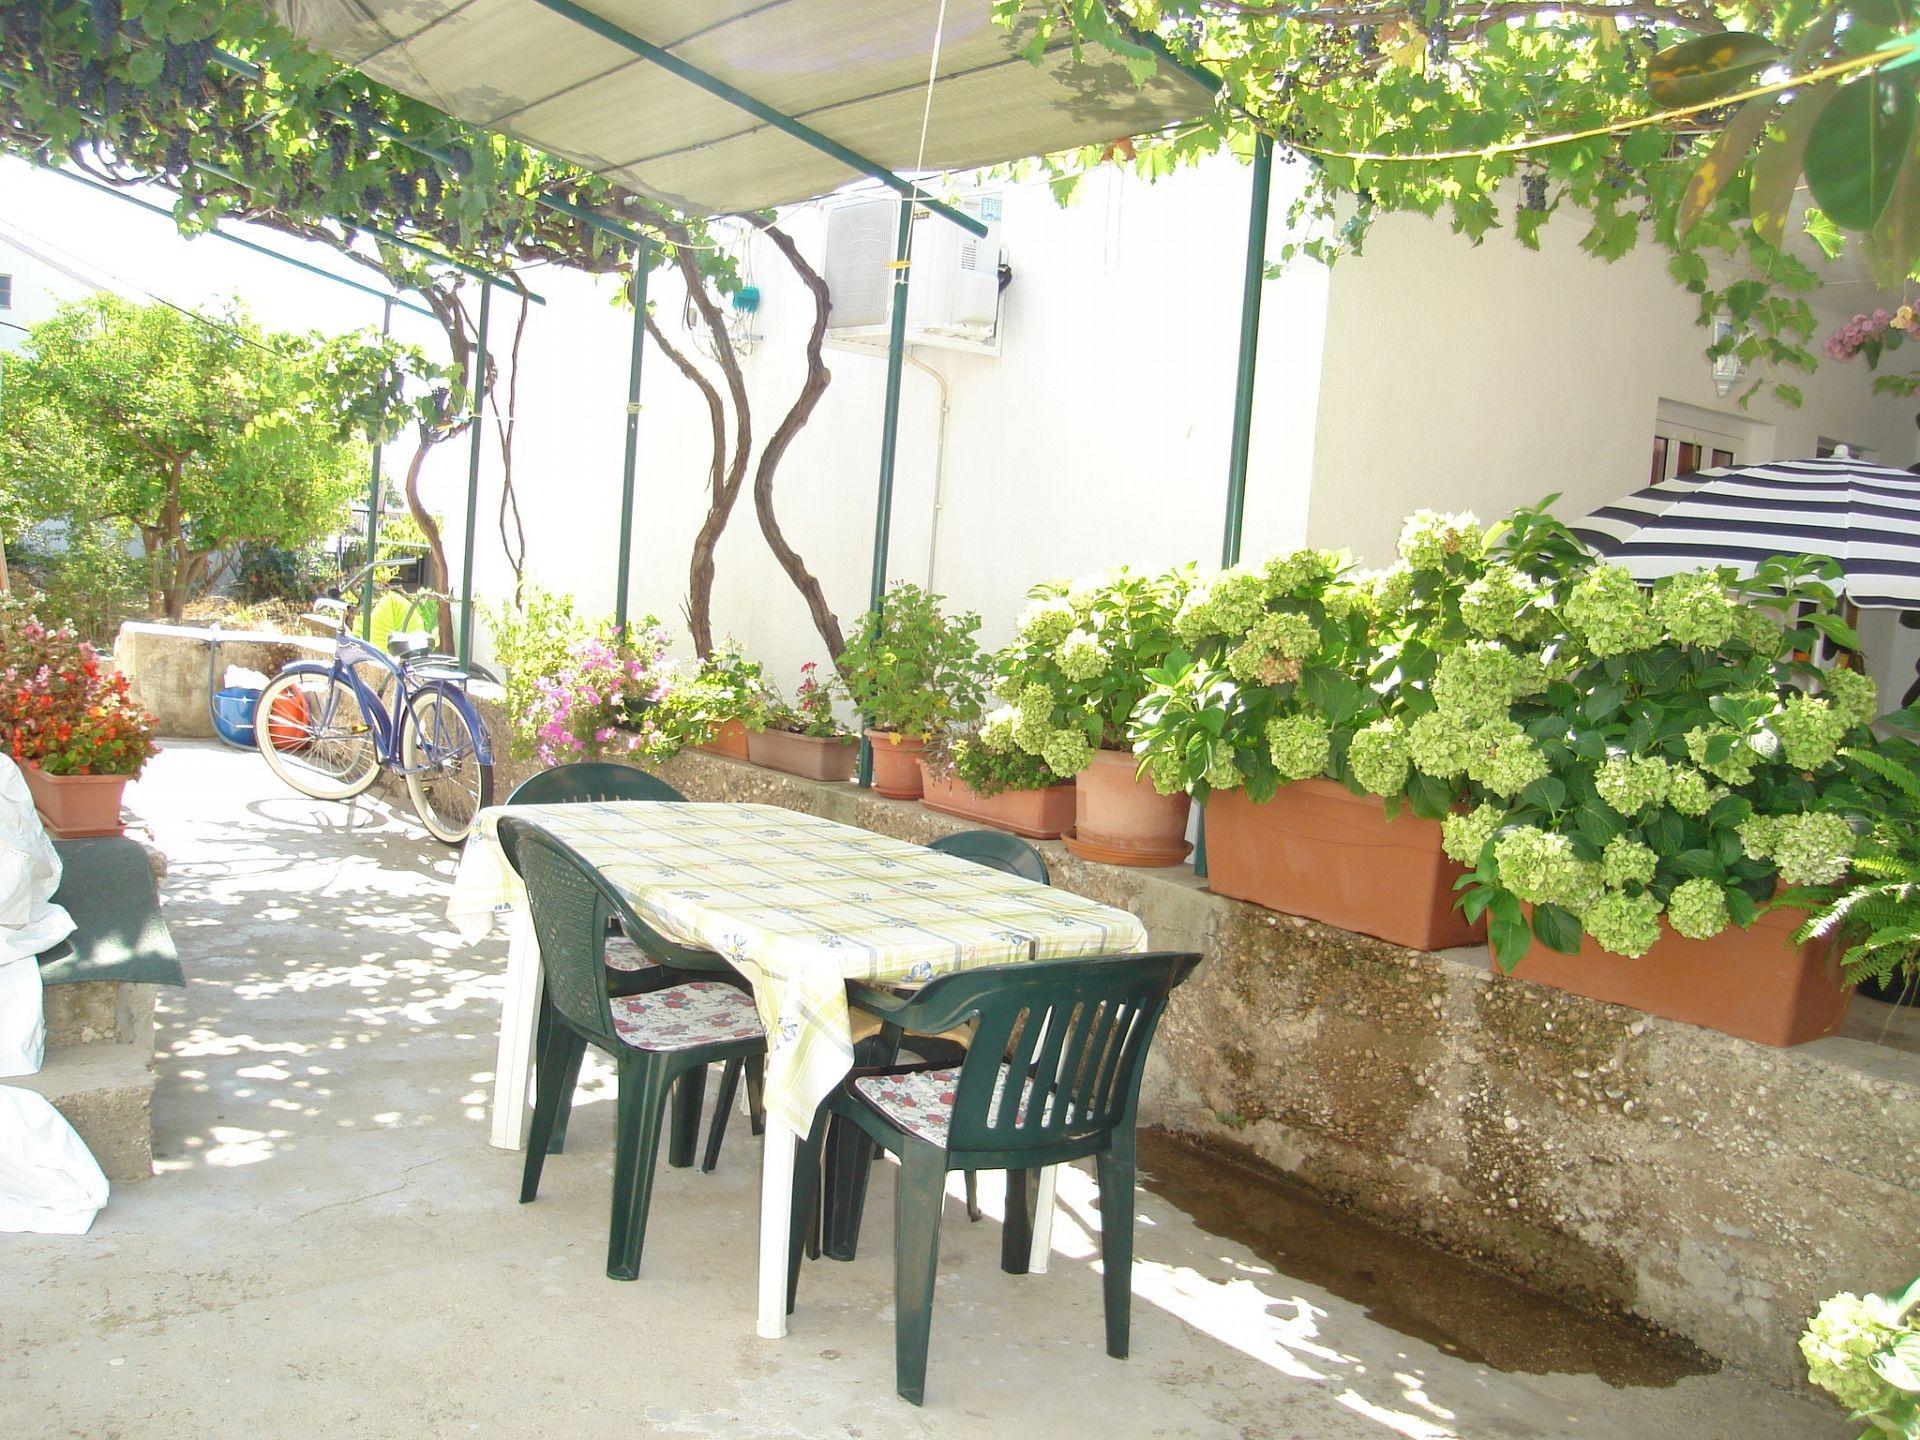 Ferienhaus Smi H1(4+1) - Sucuraj (742077), Sucuraj, Insel Hvar, Dalmatien, Kroatien, Bild 1